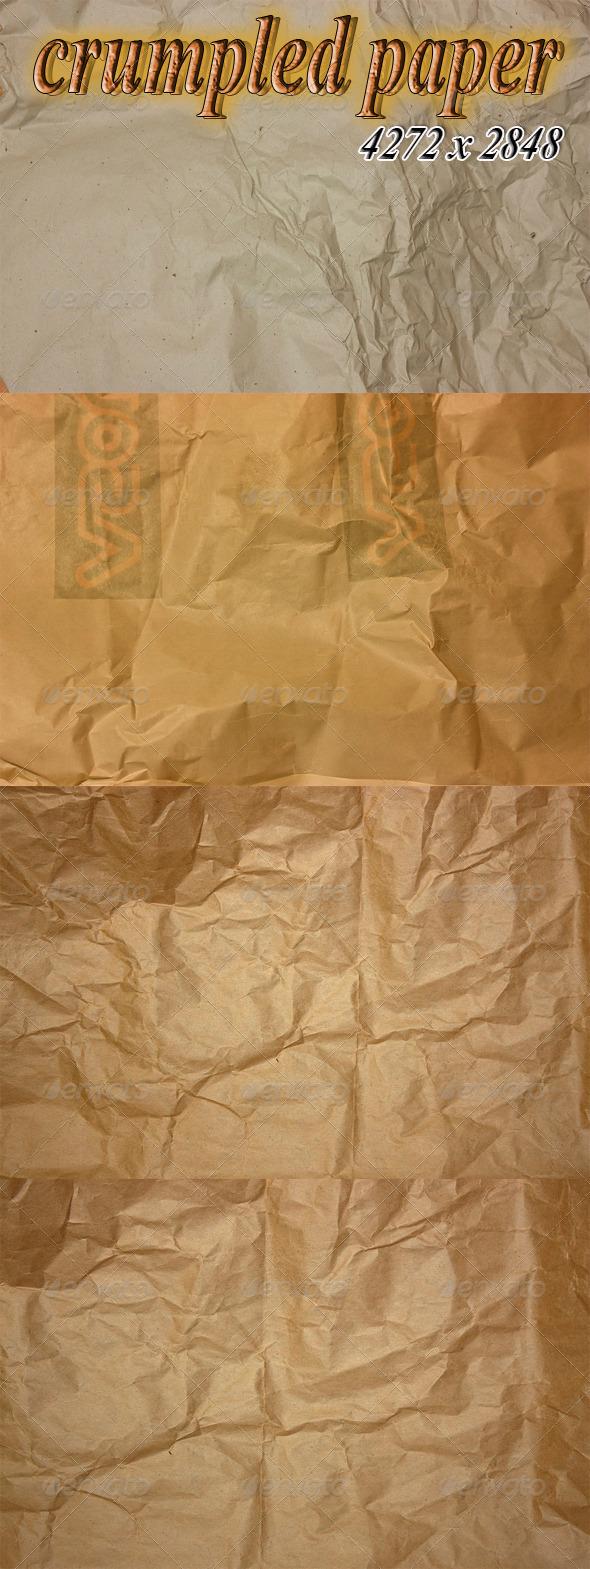 Crumpled Paper Textures - Paper Textures